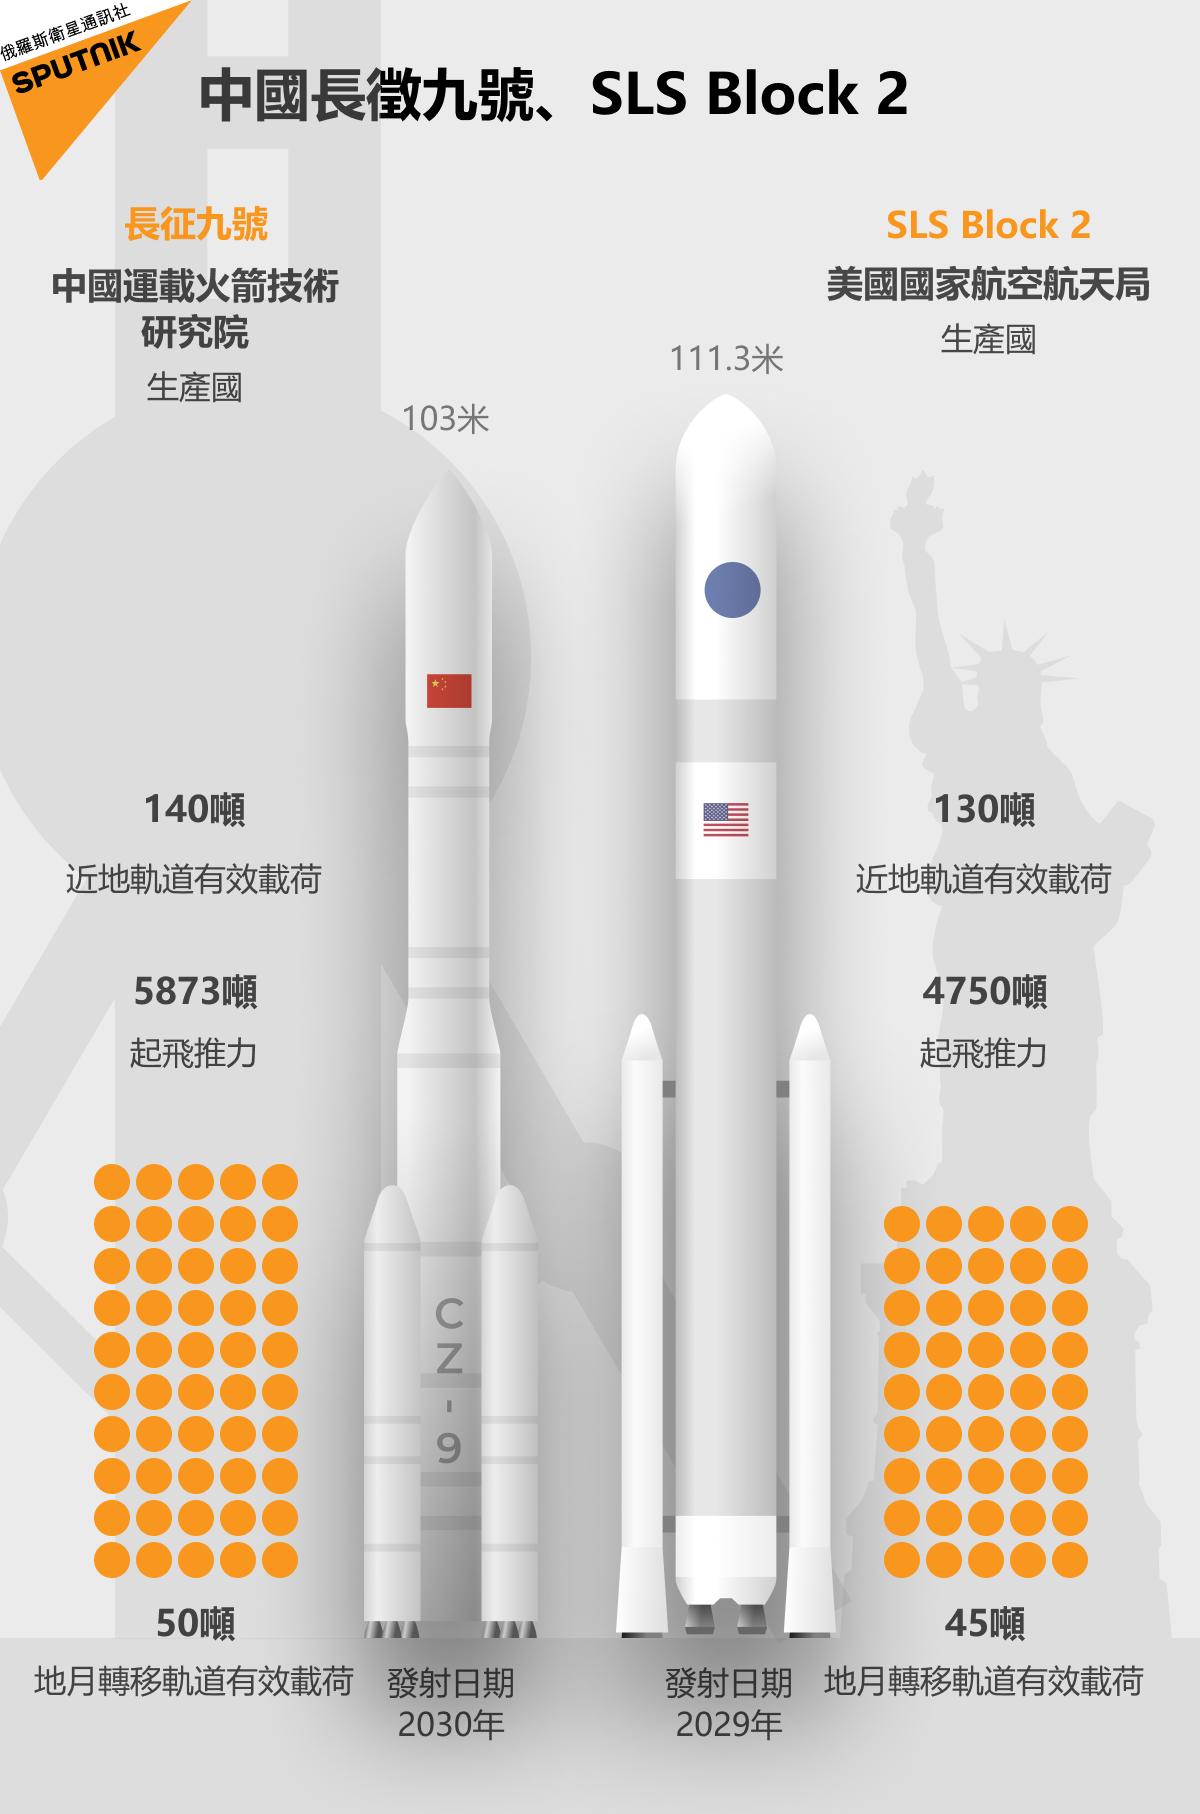 中國長徵九號、SLS Block 2